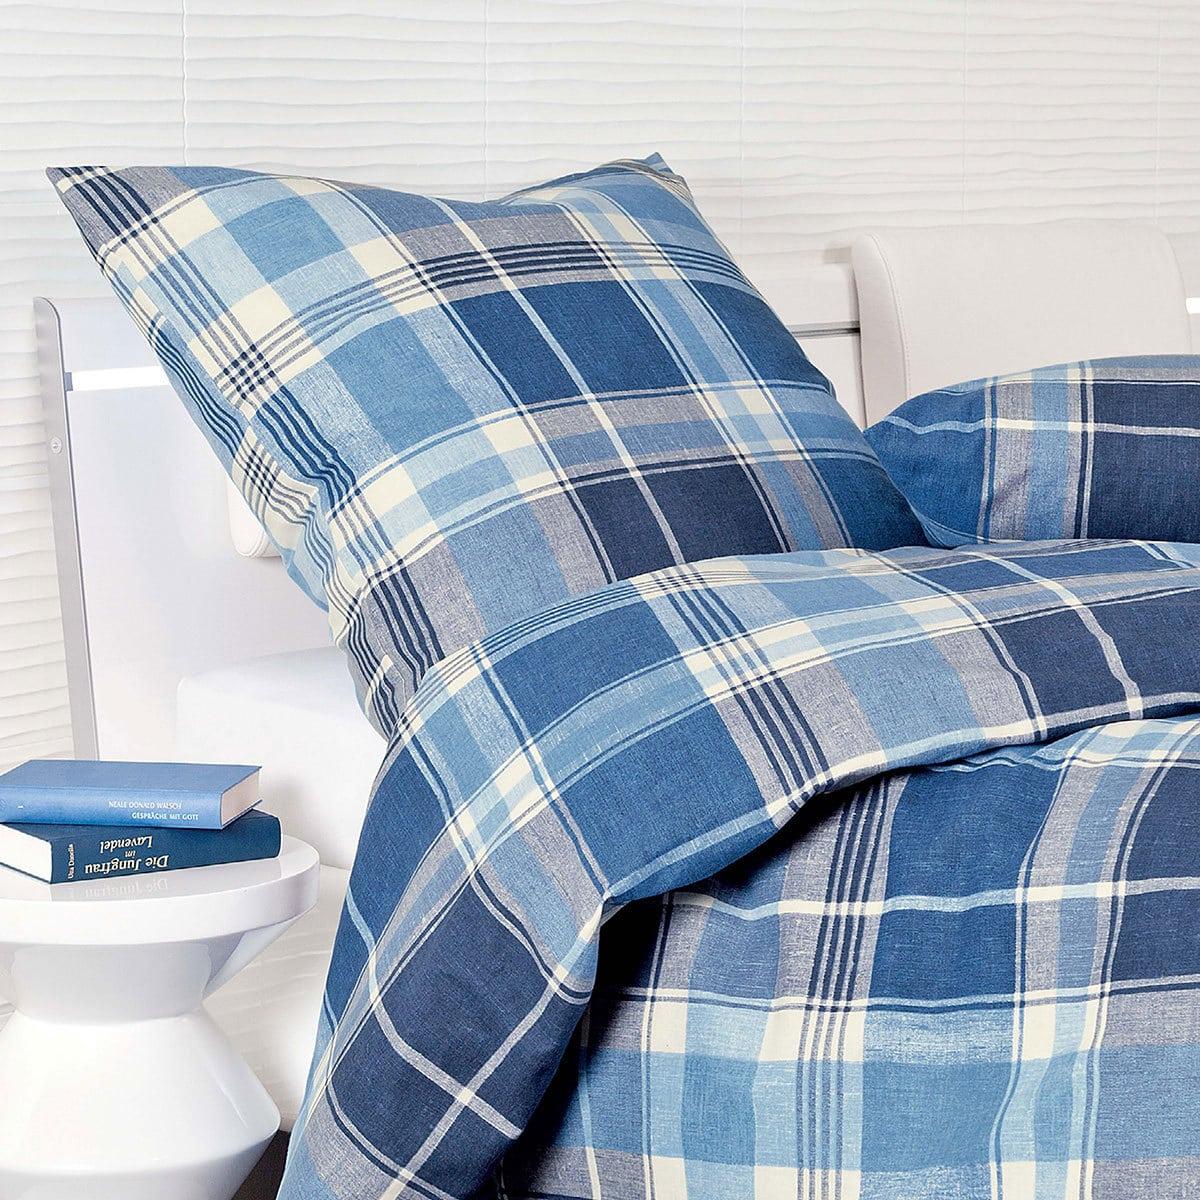 janine feinbiber bettw sche davos 65014 02 g nstig online kaufen bei bettwaren shop. Black Bedroom Furniture Sets. Home Design Ideas